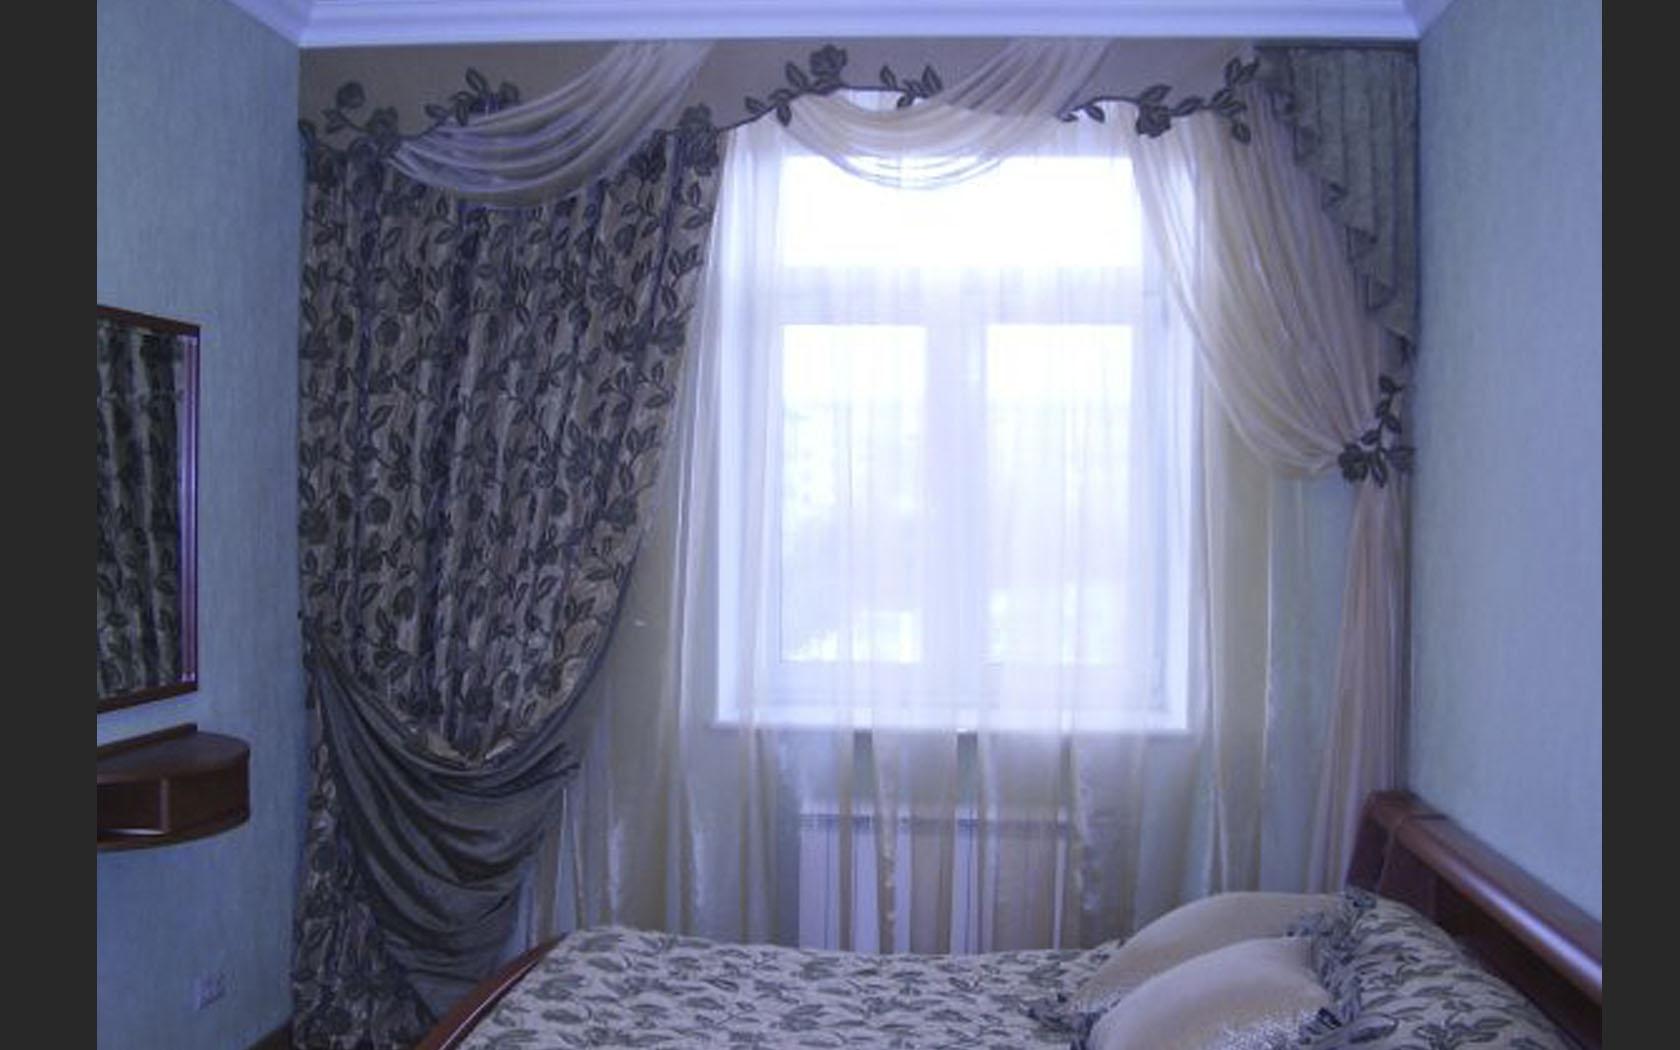 Дизайн окна штор для спальни